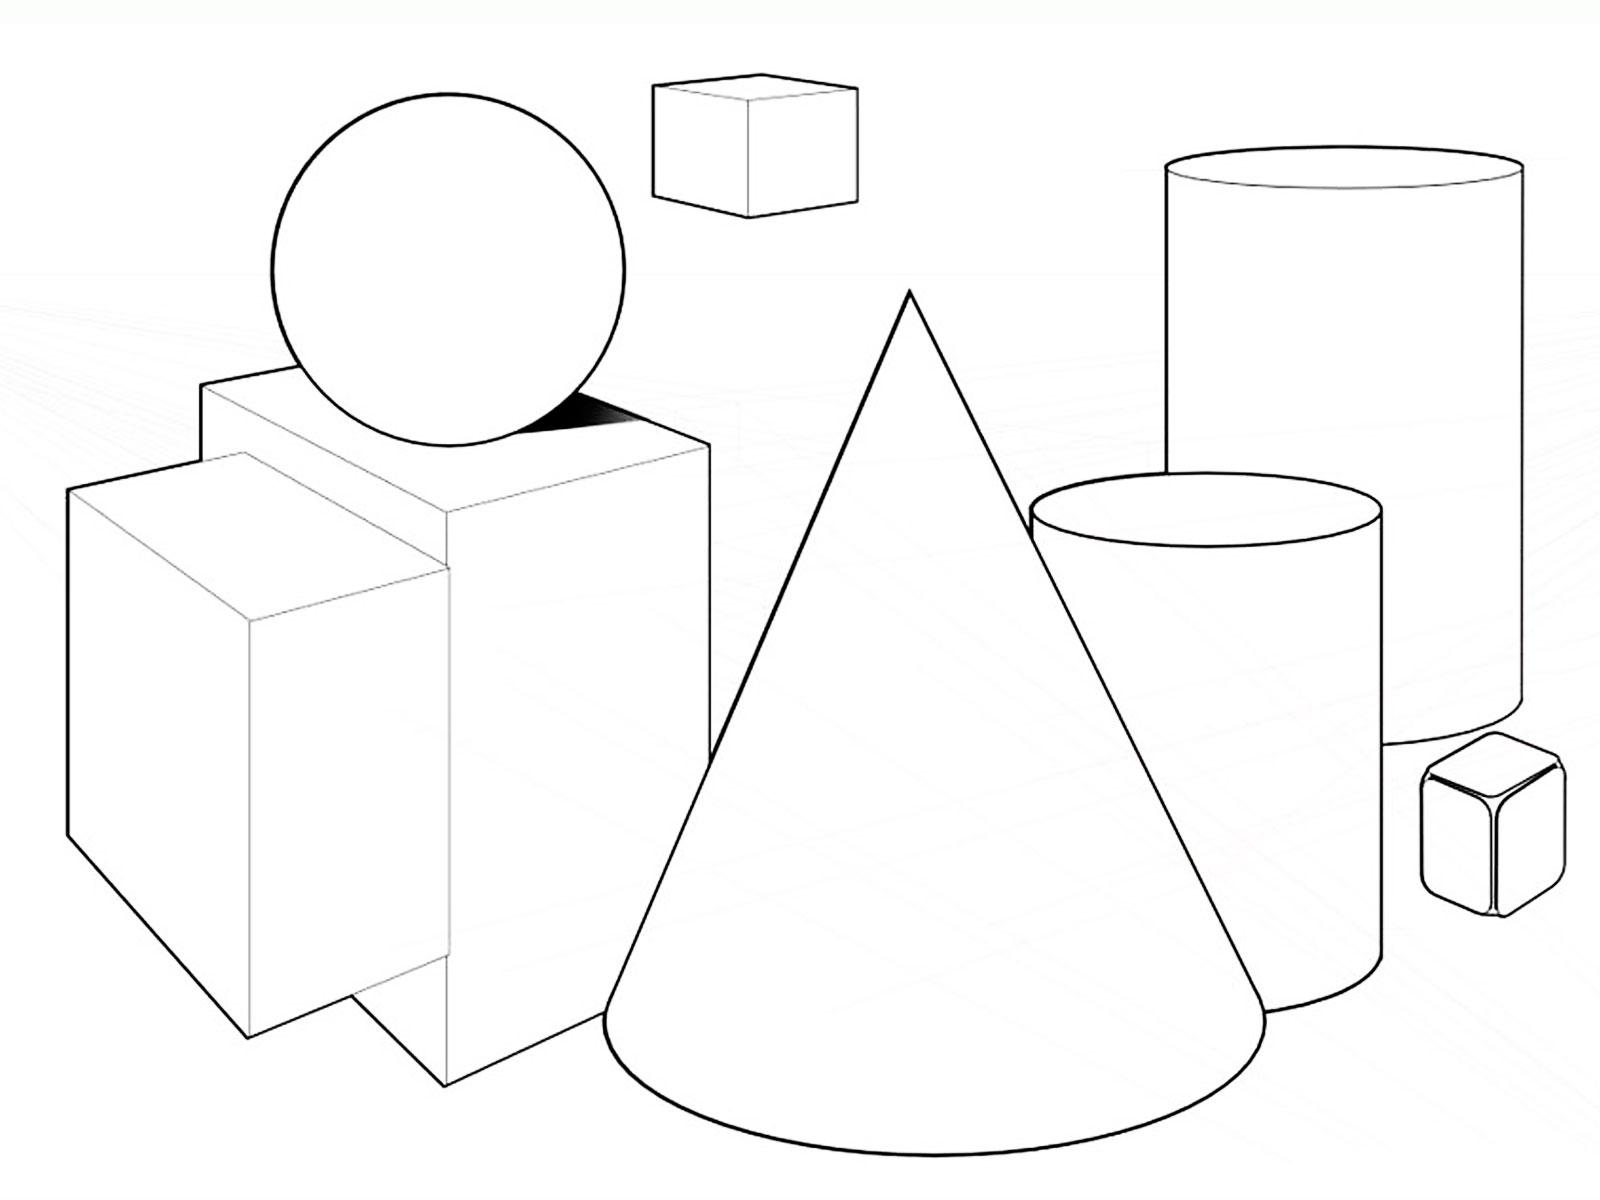 Раскраски геометрические фигуры. Скачать. Распечатать